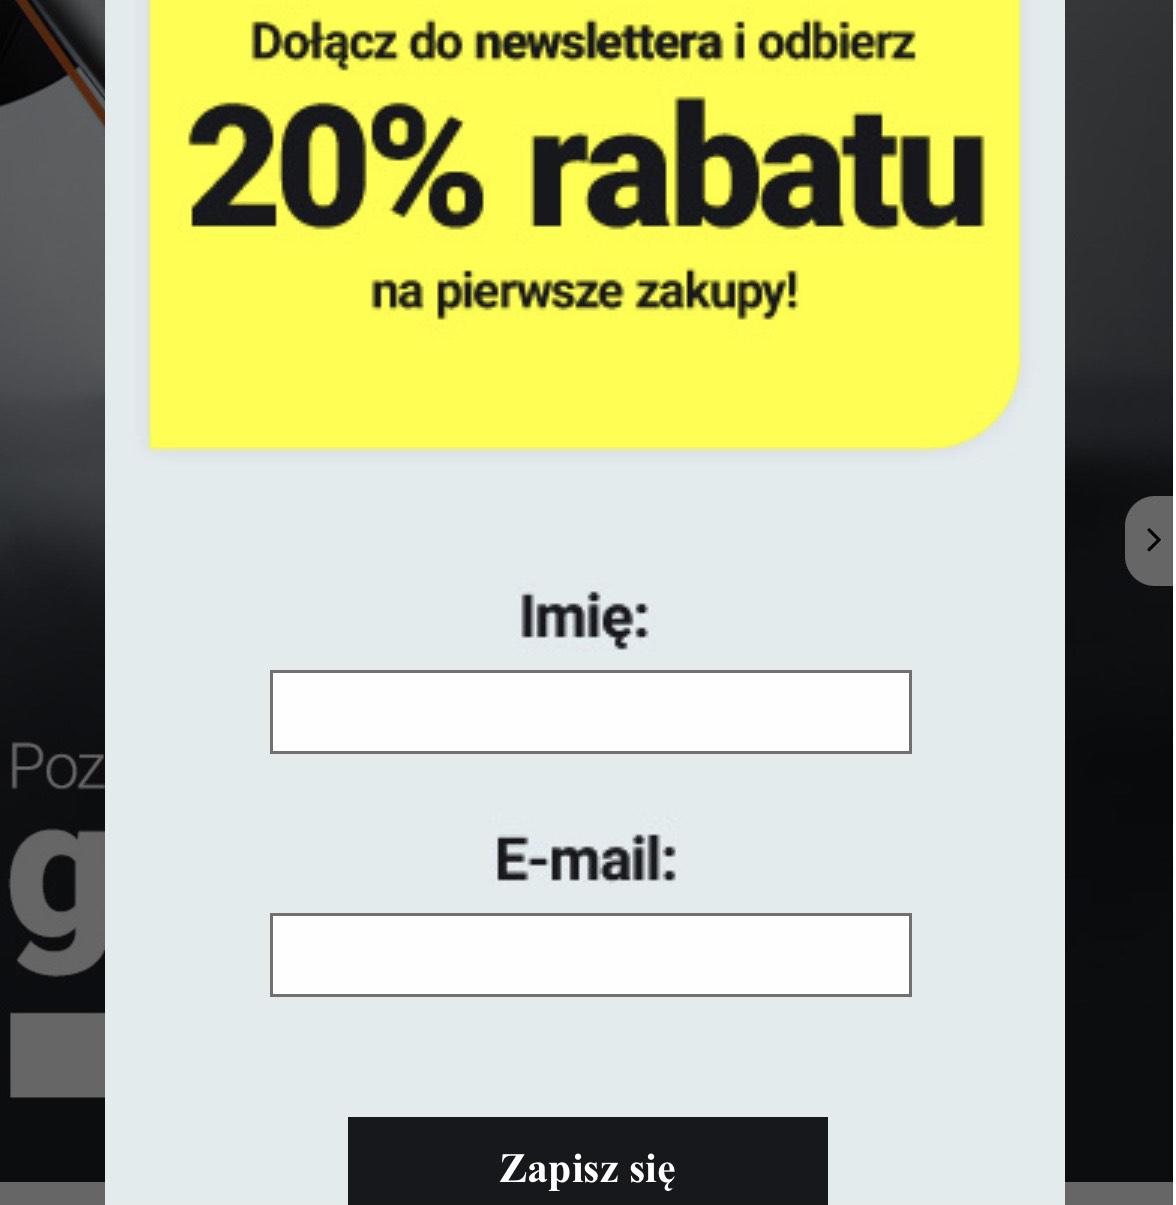 Baseus 20% rabatu na pierwsze zakupy po dołączeniu do newslettera